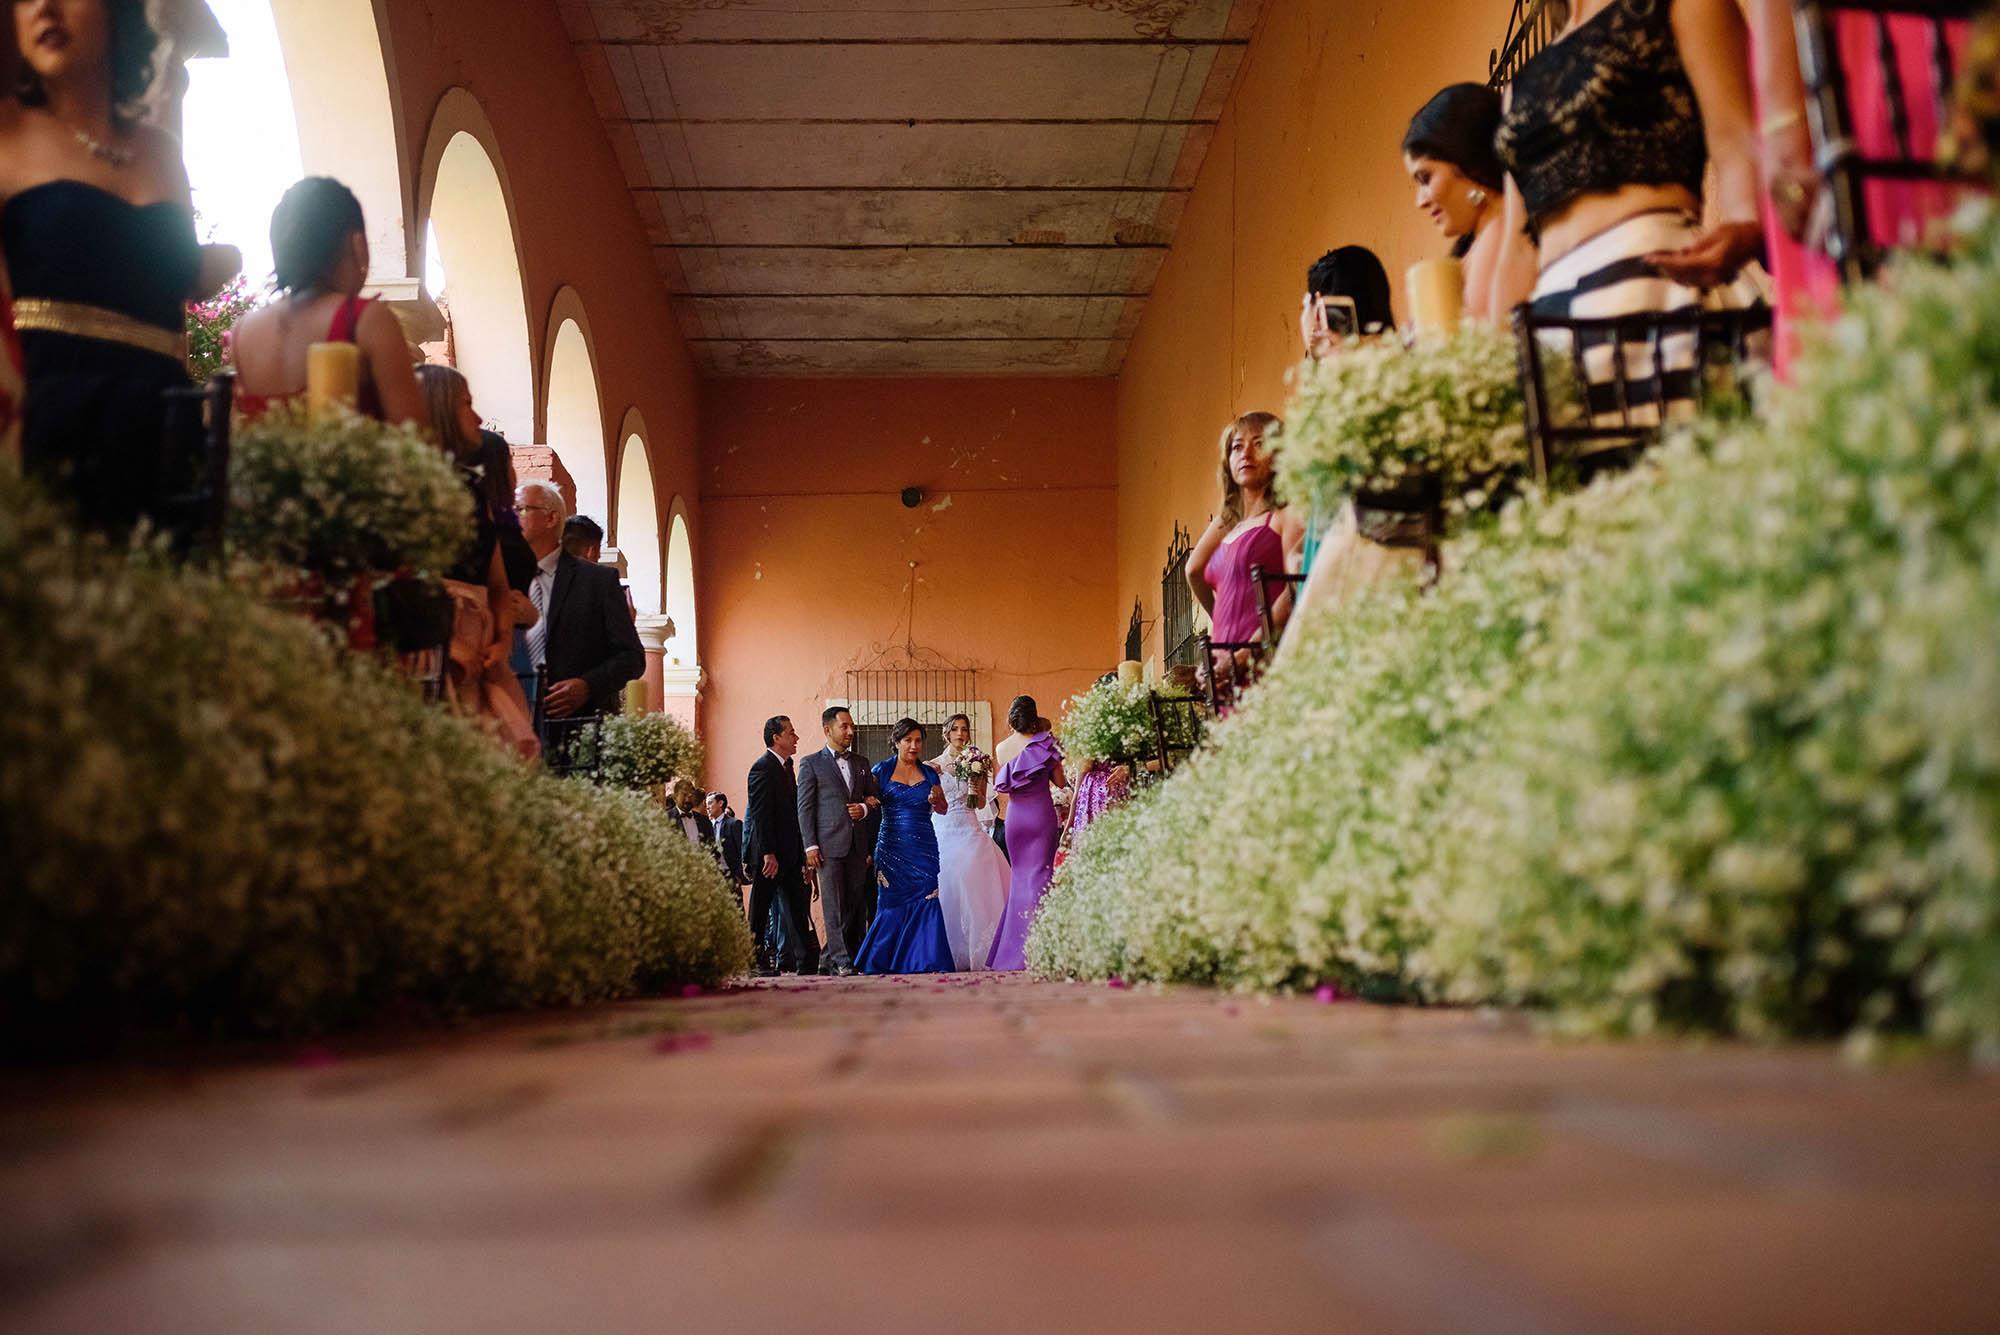 fotografo_de_bodas_guadalajara_hacienda_santa_lucia_11.jpg